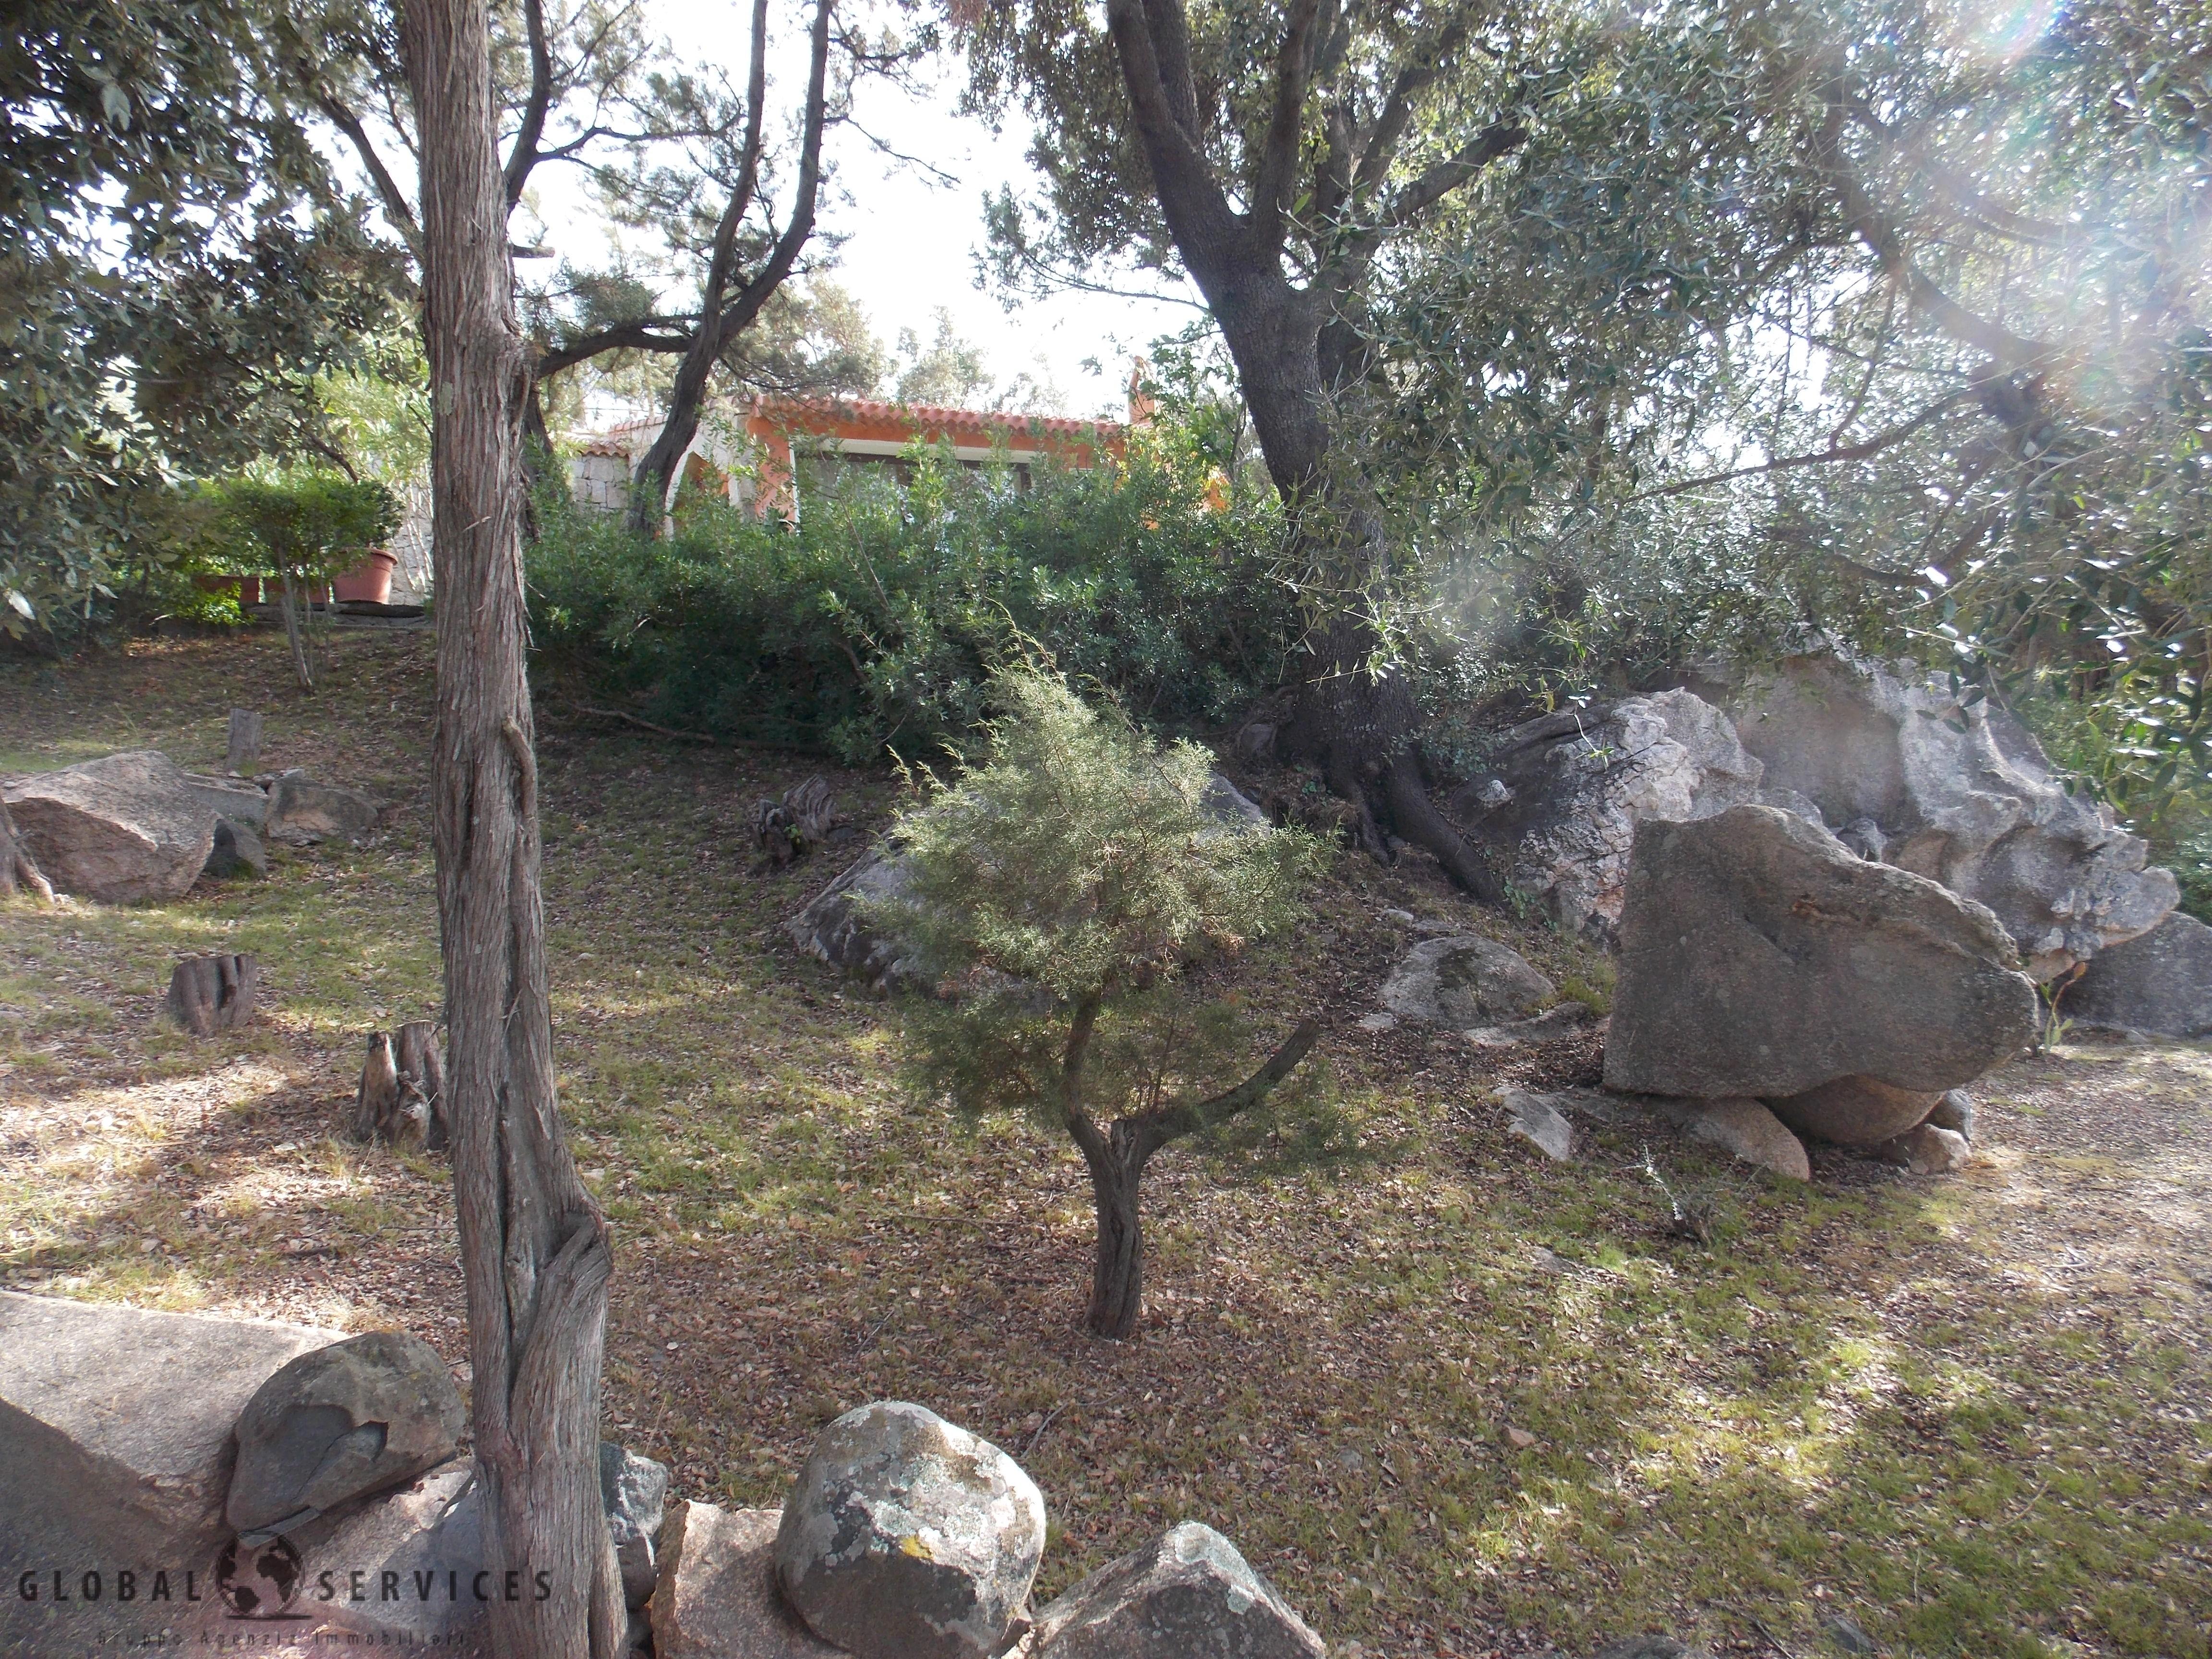 Baia sardinia villa in vendita global services immobiliari for Vendita piante da frutto sardegna